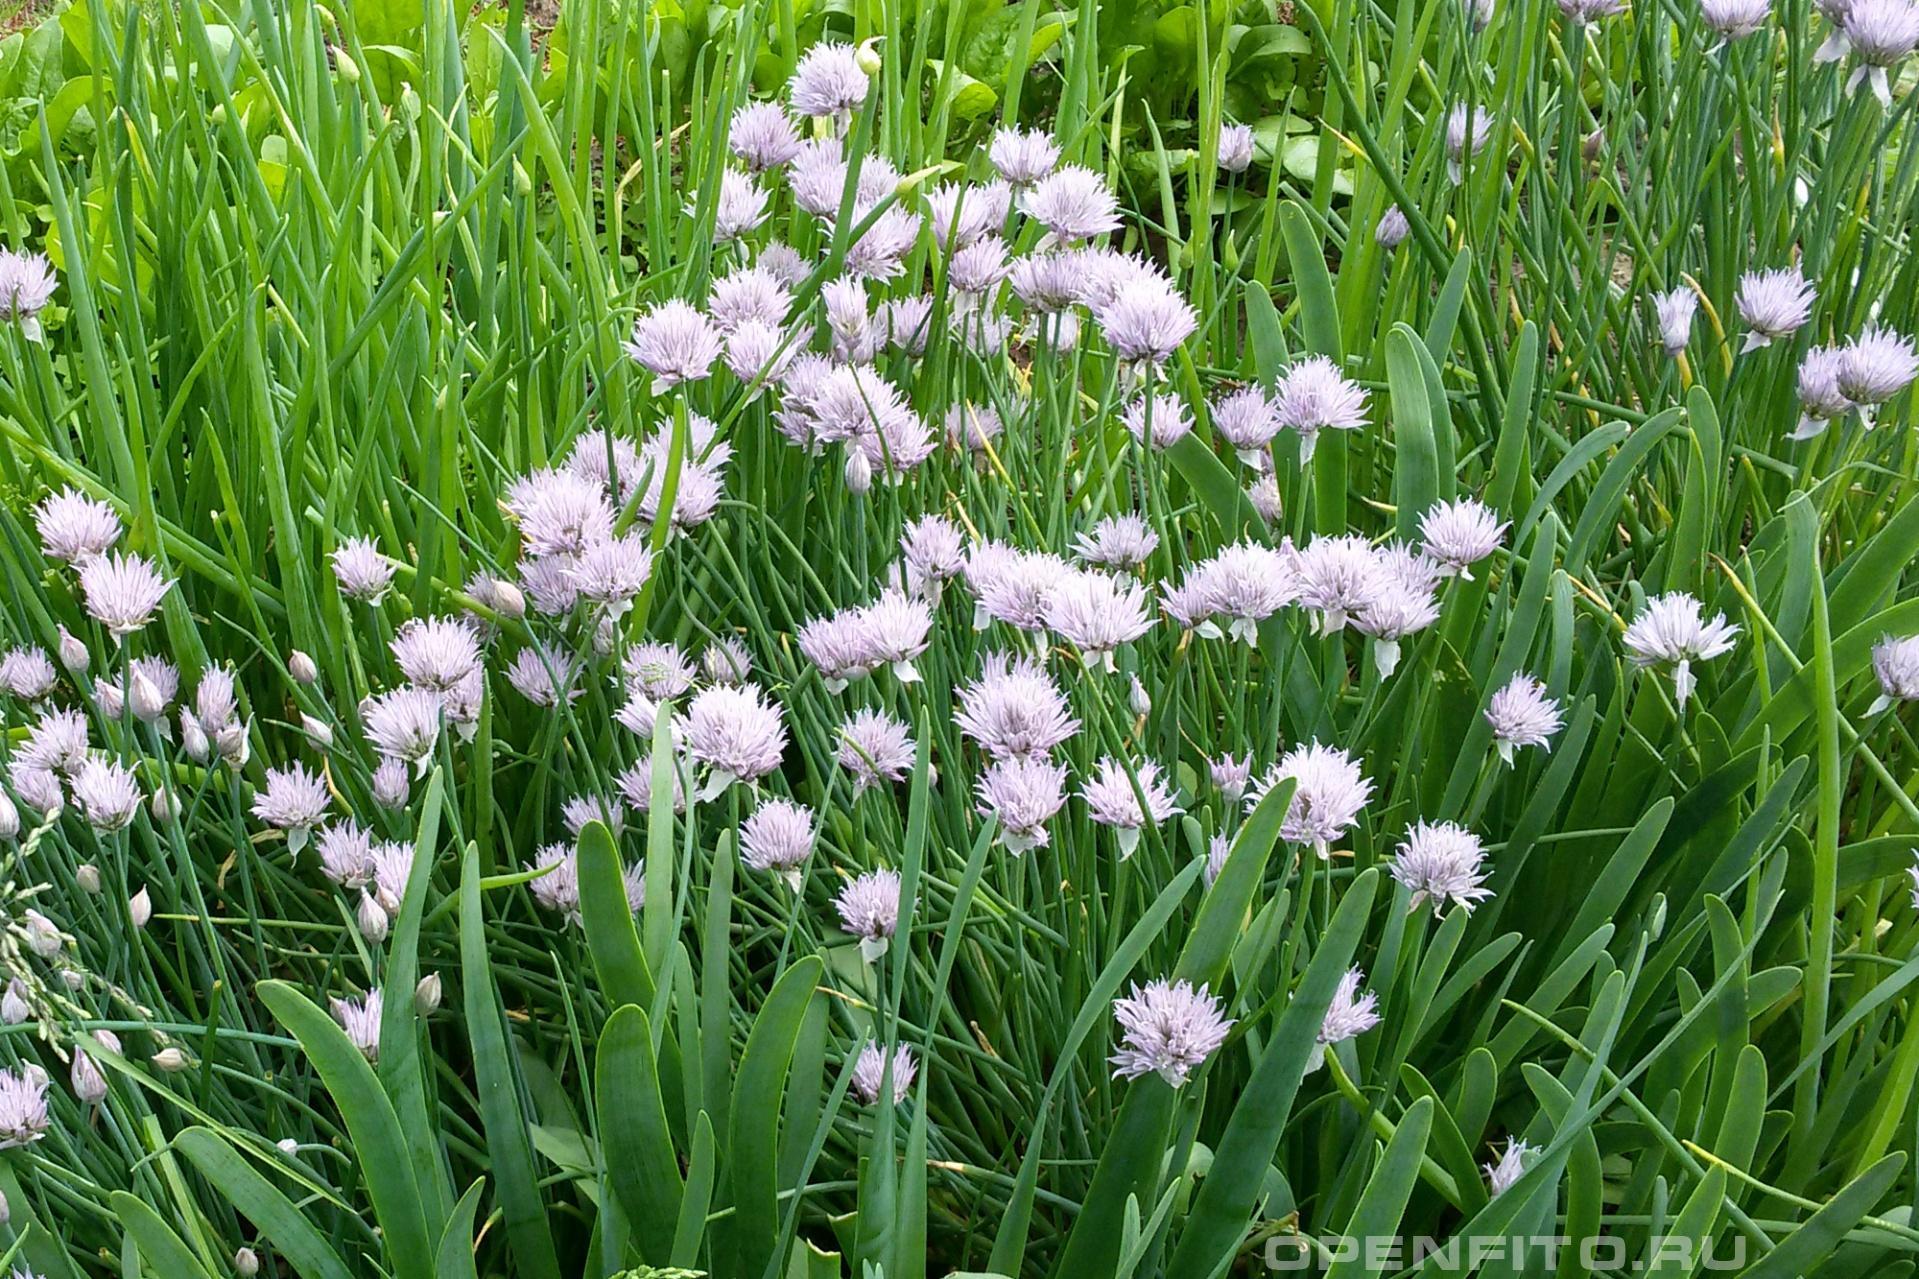 Лук душистый на фото 3 вида: лук душистый (цветет), порей, лук округлый